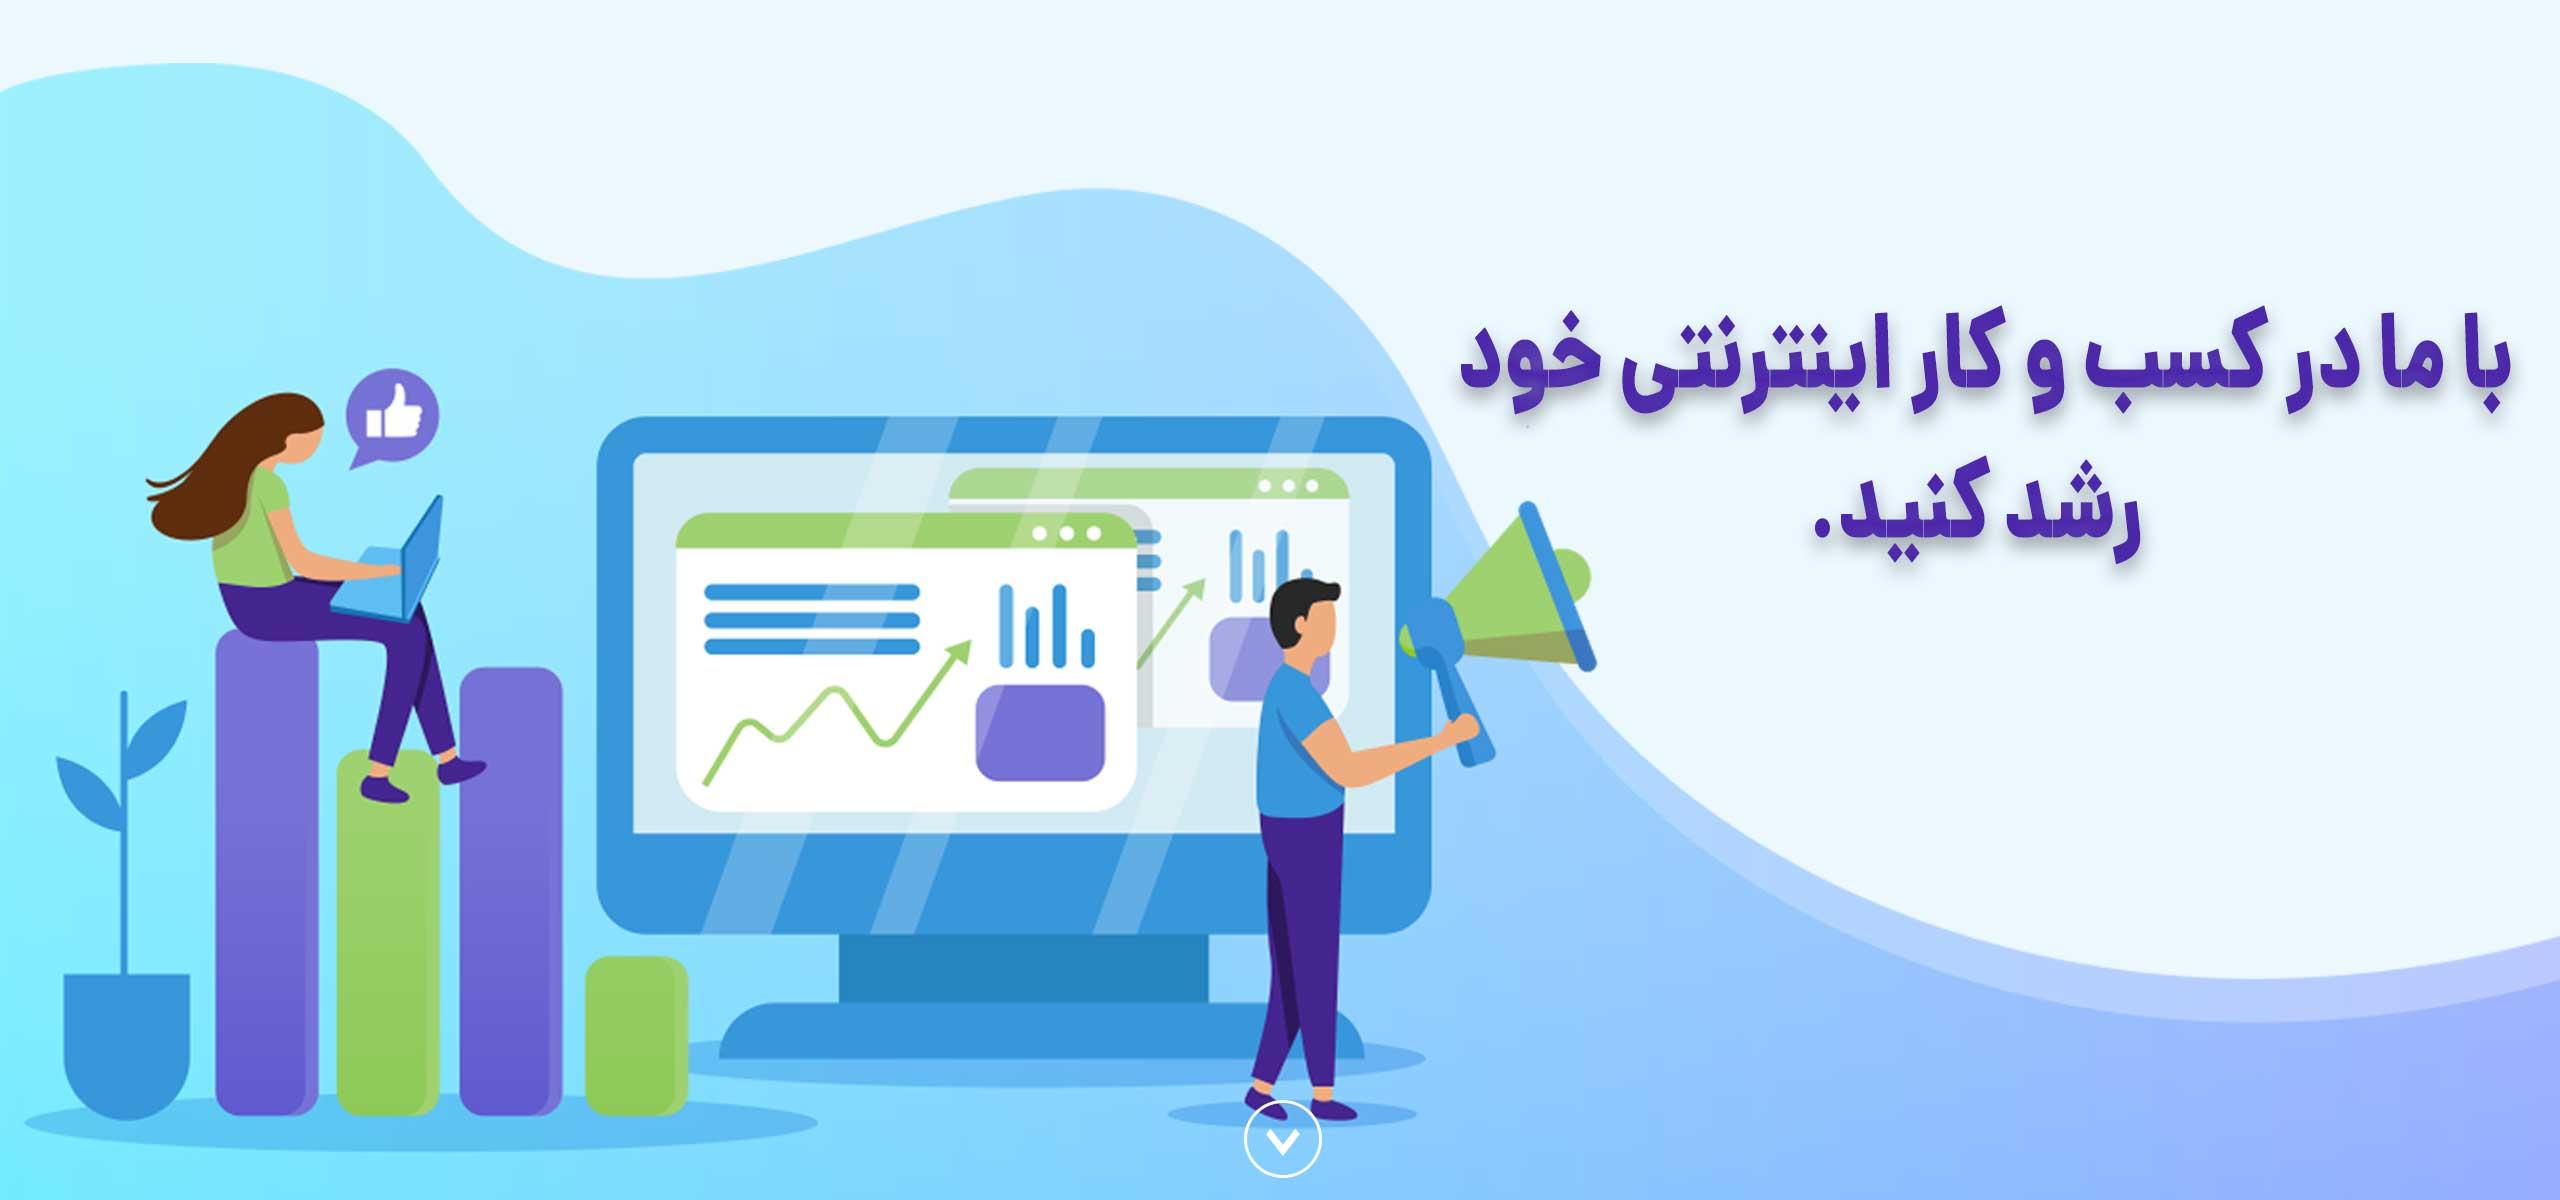 دیجیتال مارکتینگ در قم